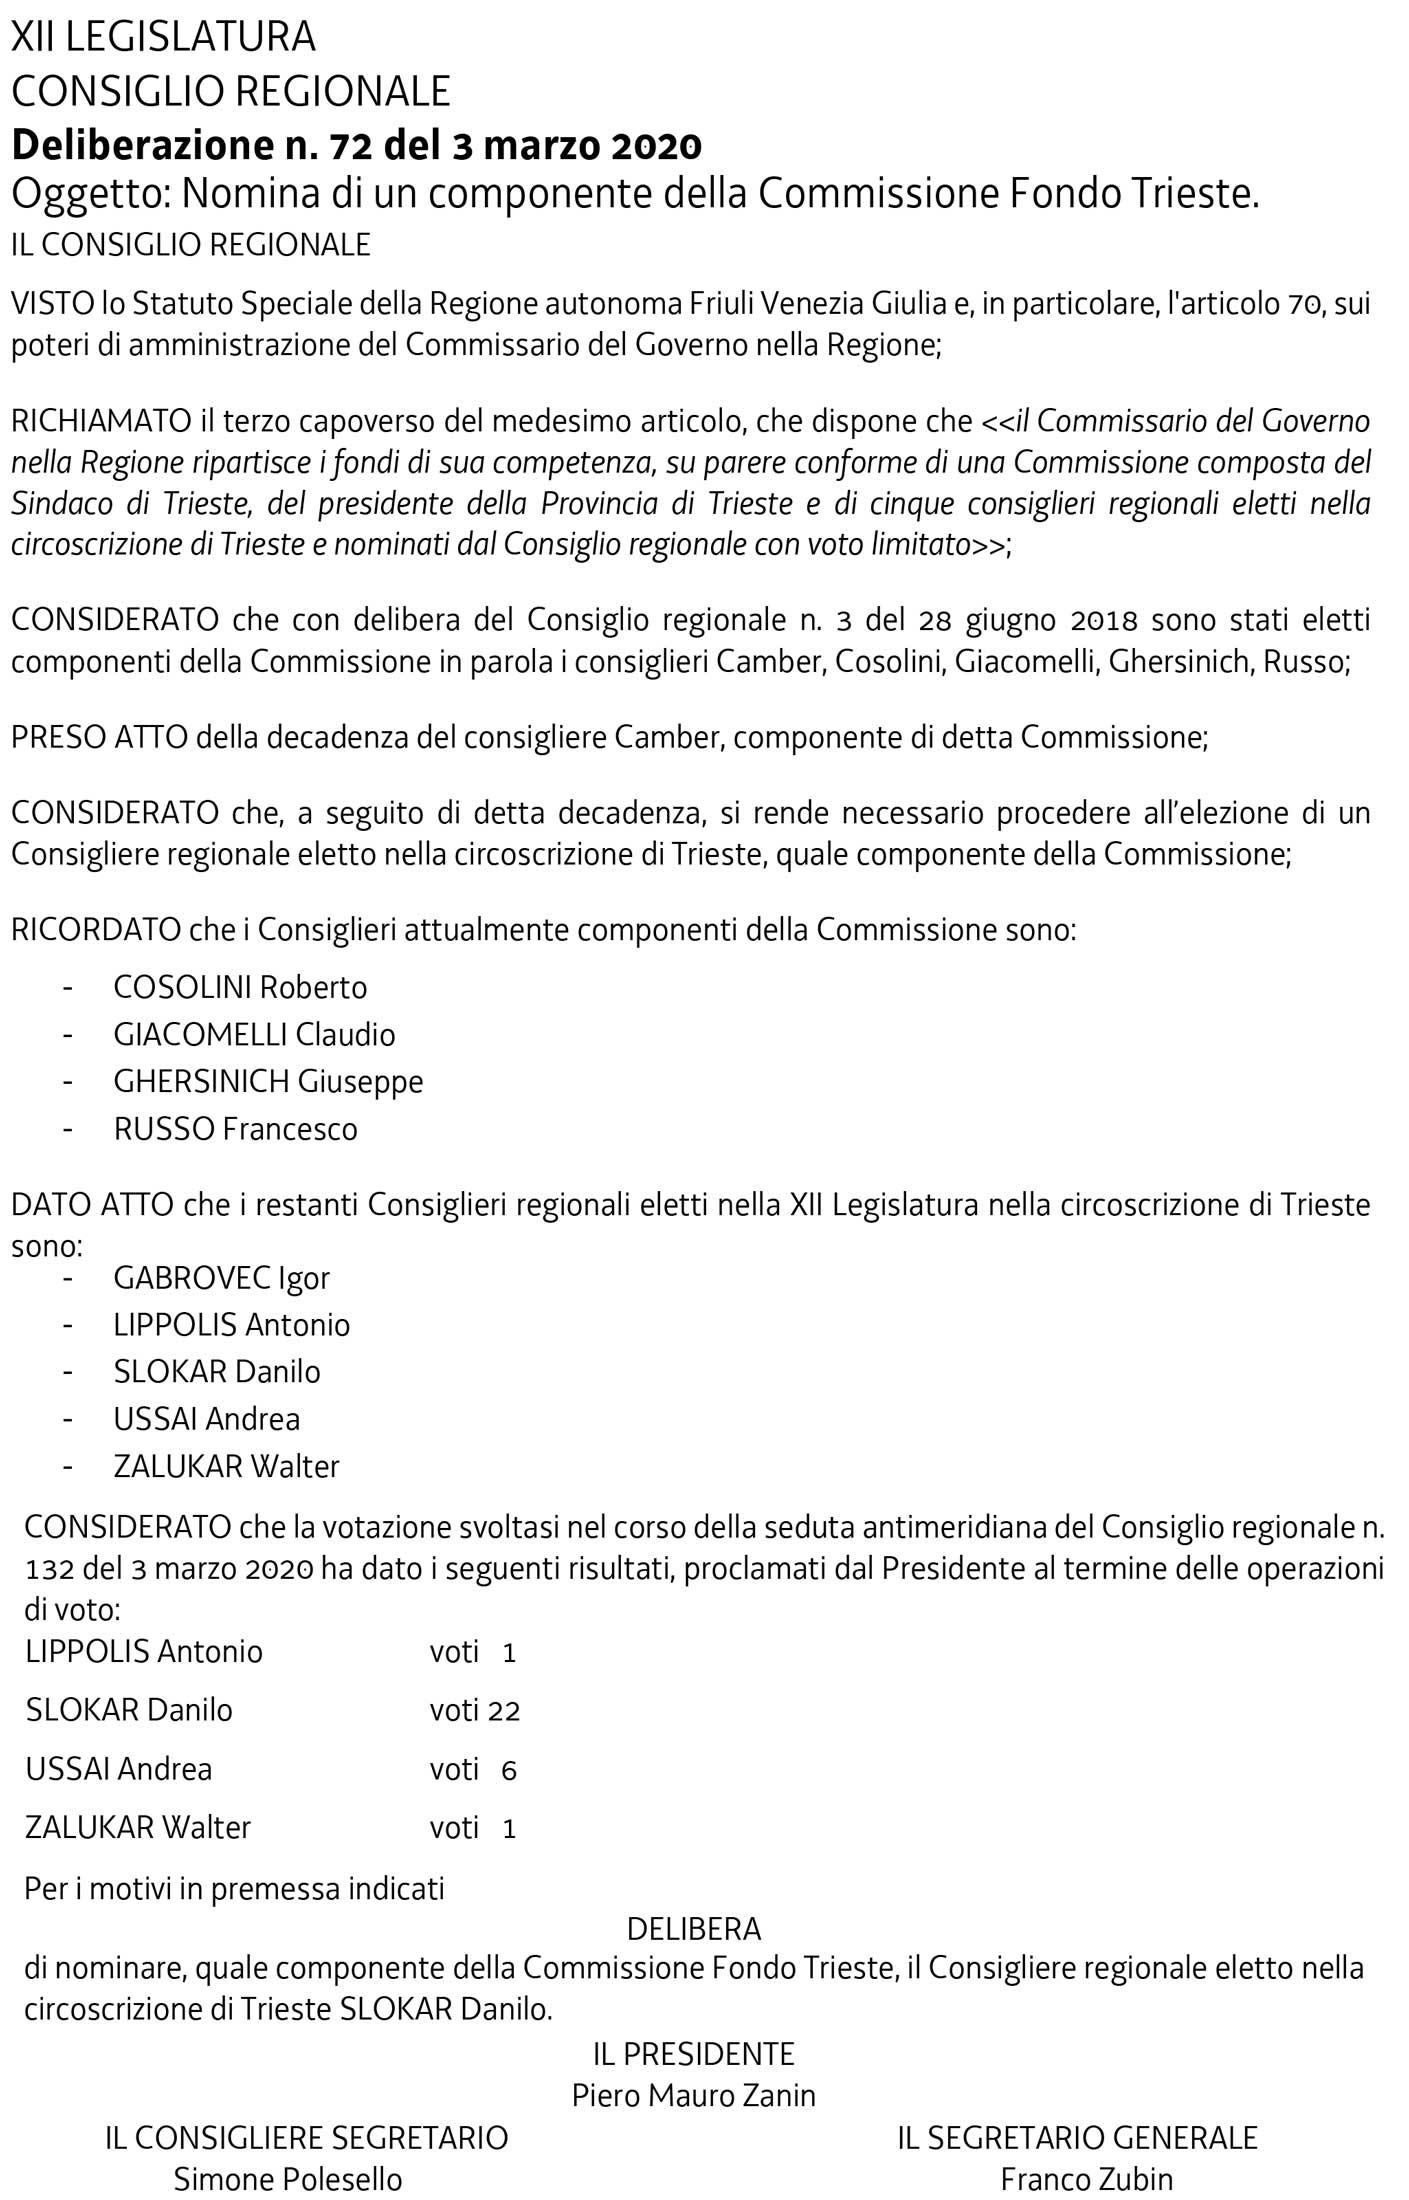 Ultima delibera relativa alla commissione attuale per il Fondo Trieste.